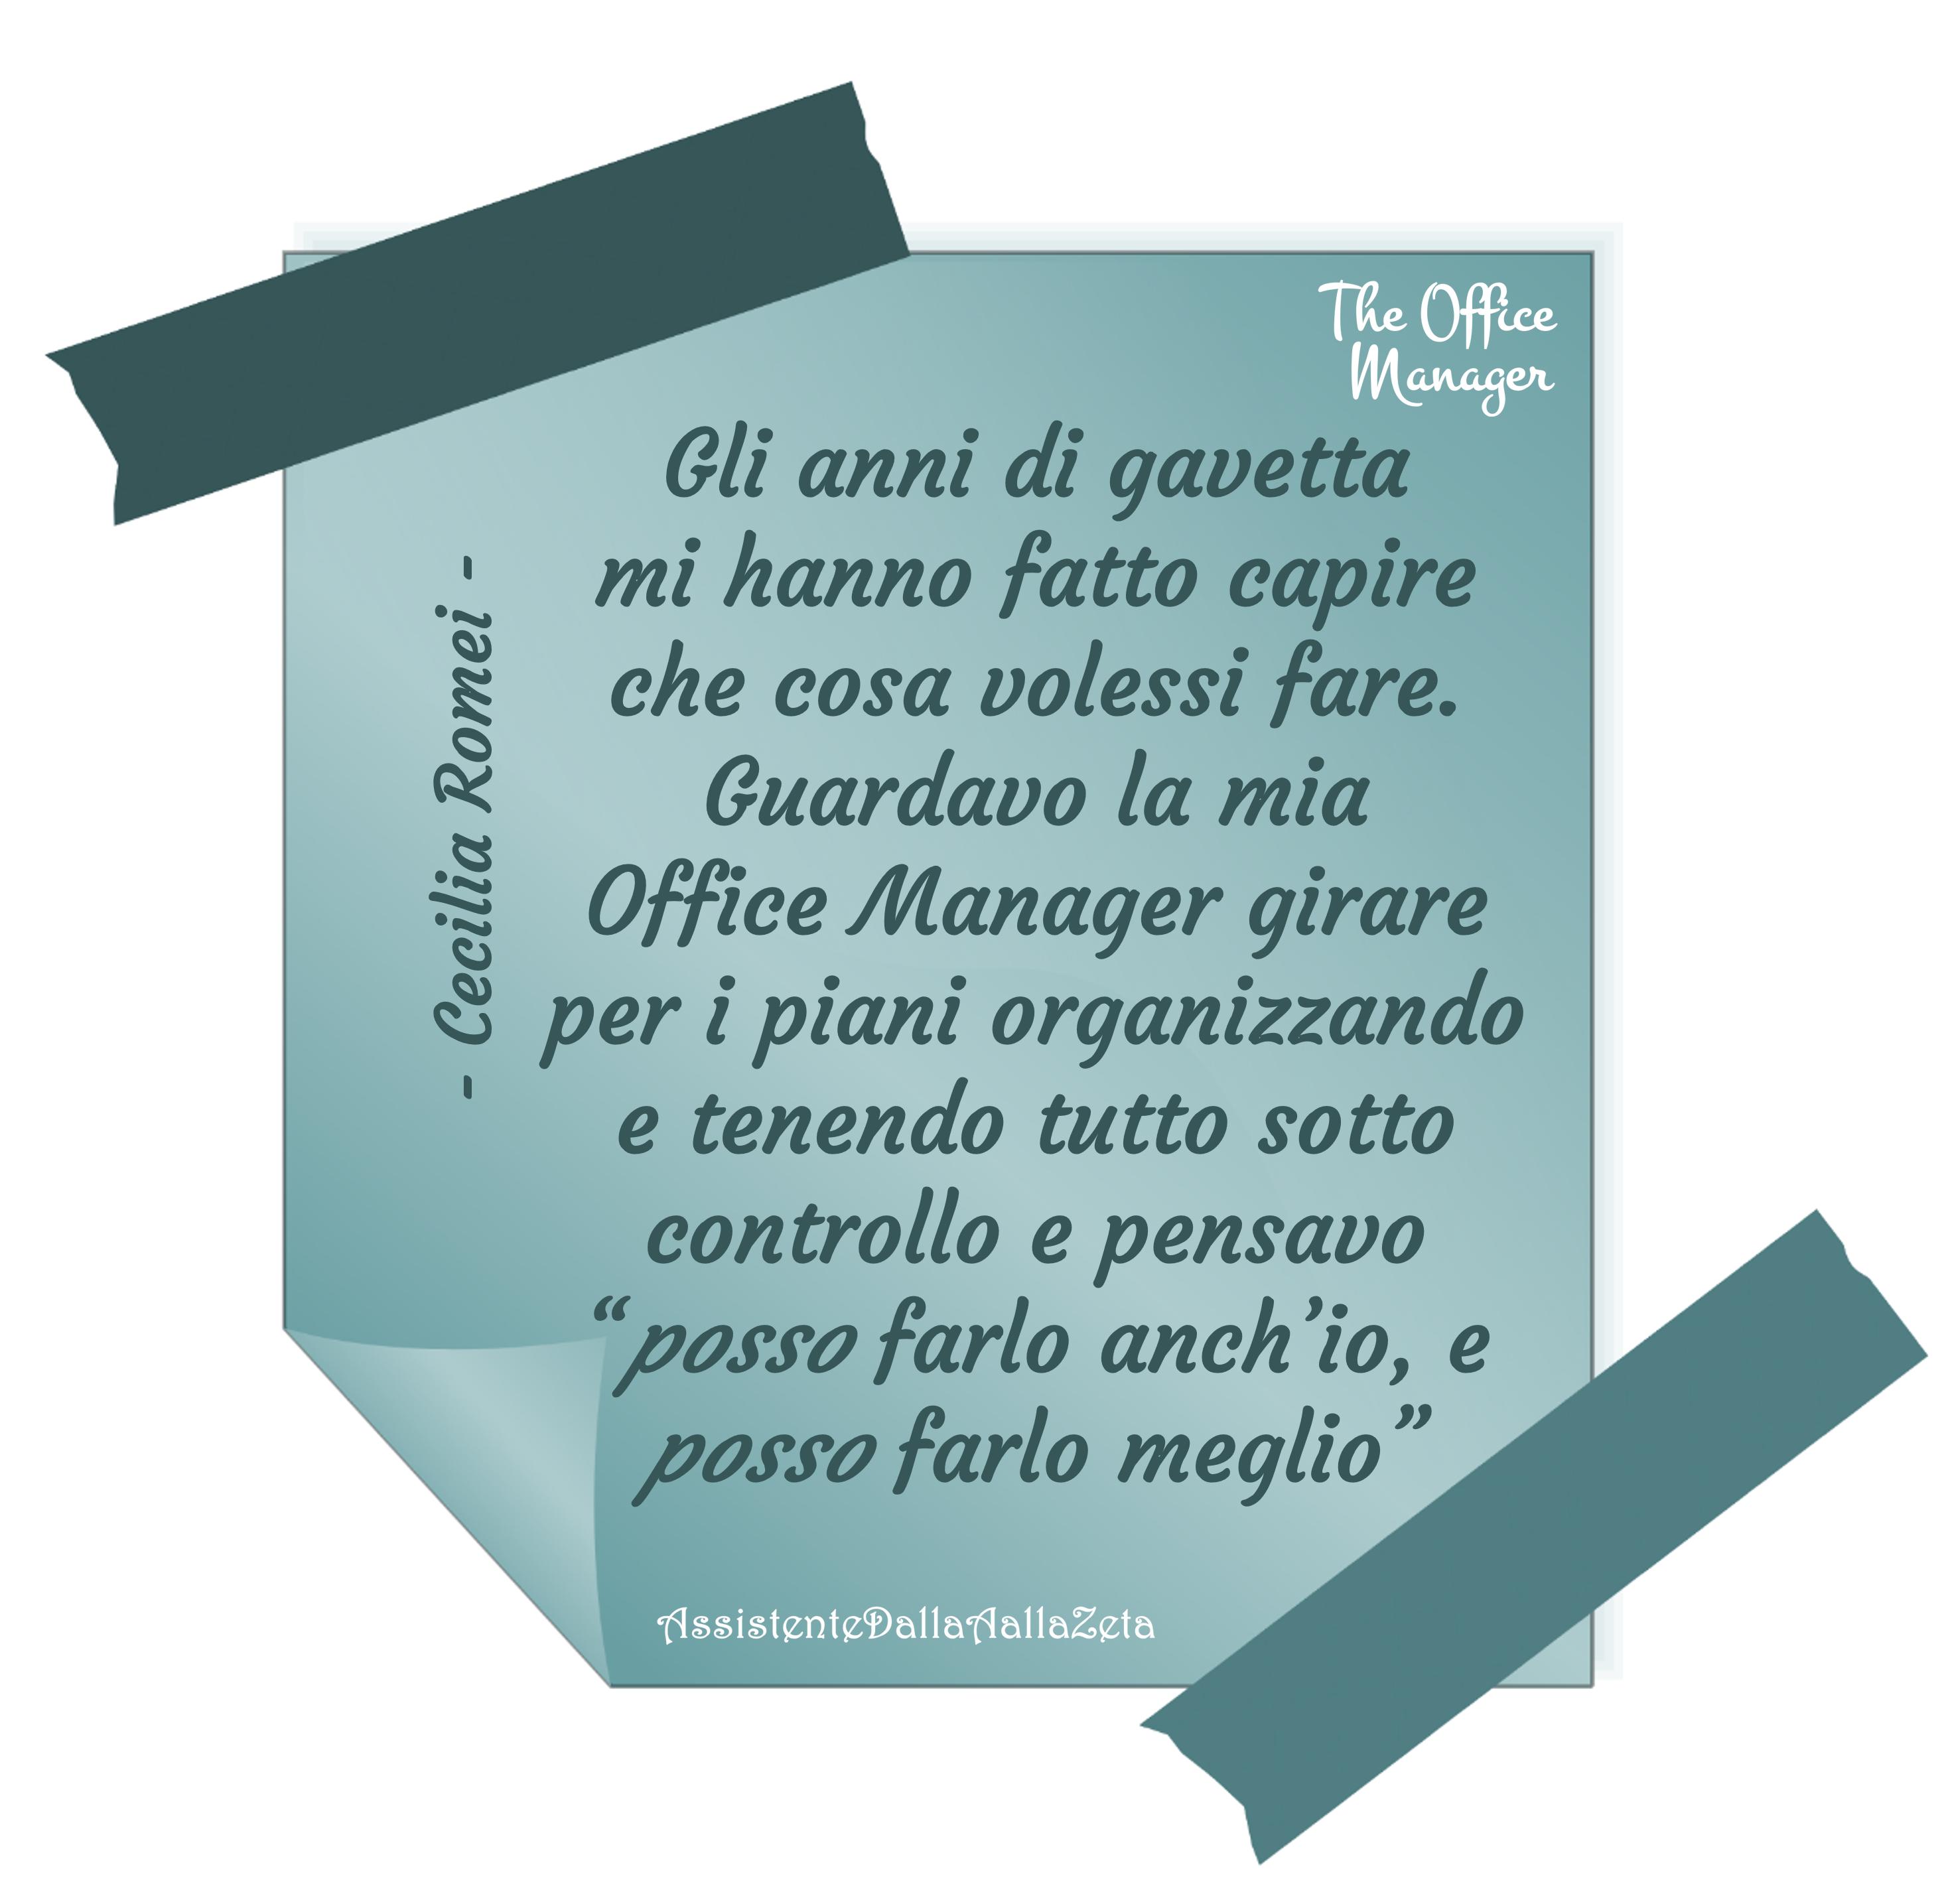 Irene Linguari AssistenteDallaAallaZeta Assistente di Direzione Professione Office Manager Cecilia Romei General Manager Assistente Dalla A allaZeta